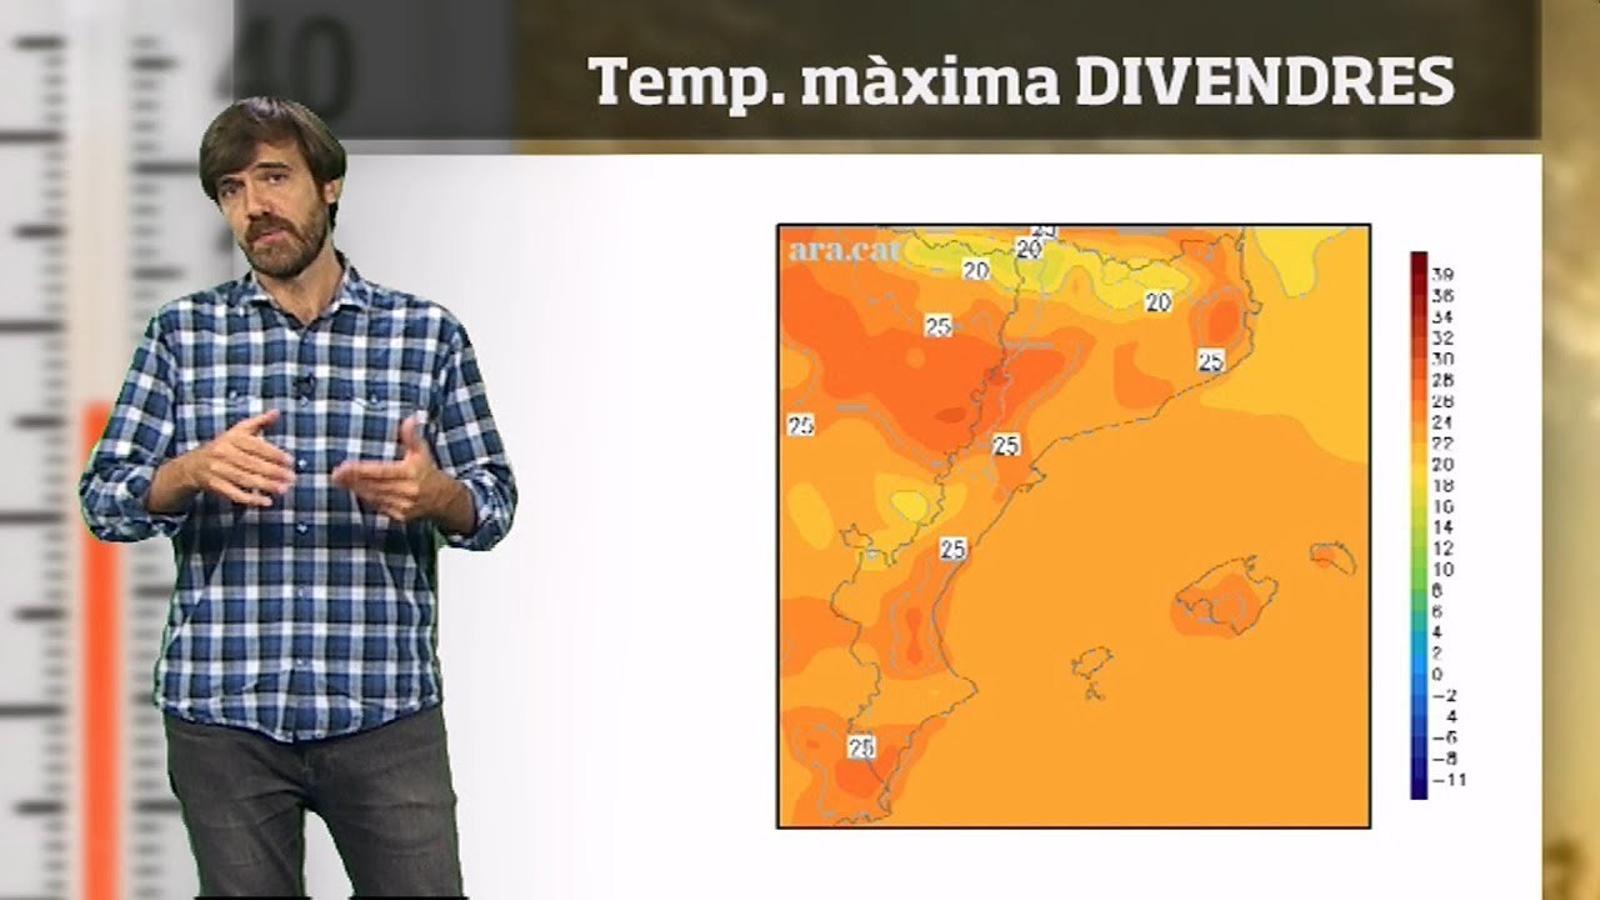 La méteo en 1 minut: migdies més càlids i pocs núvols